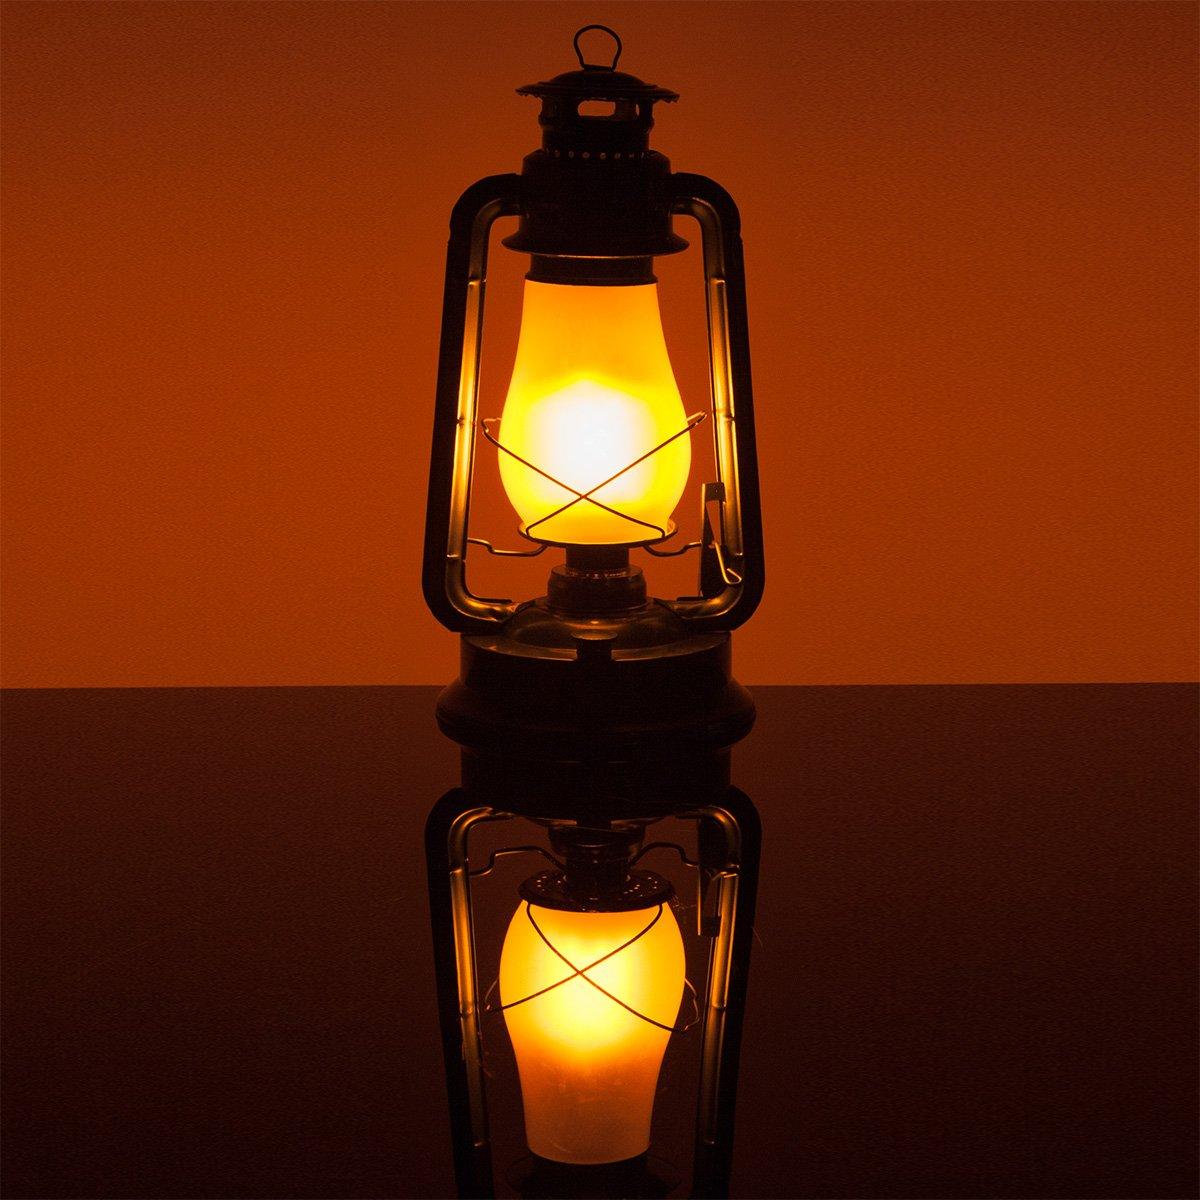 Black Electric 15.5'' Flickering LED Electric Lantern - Christmas Lanterns, Lantern LED Decoration, Vintage Lanterns, Hanging Lanterns by Wintergreen Lighting